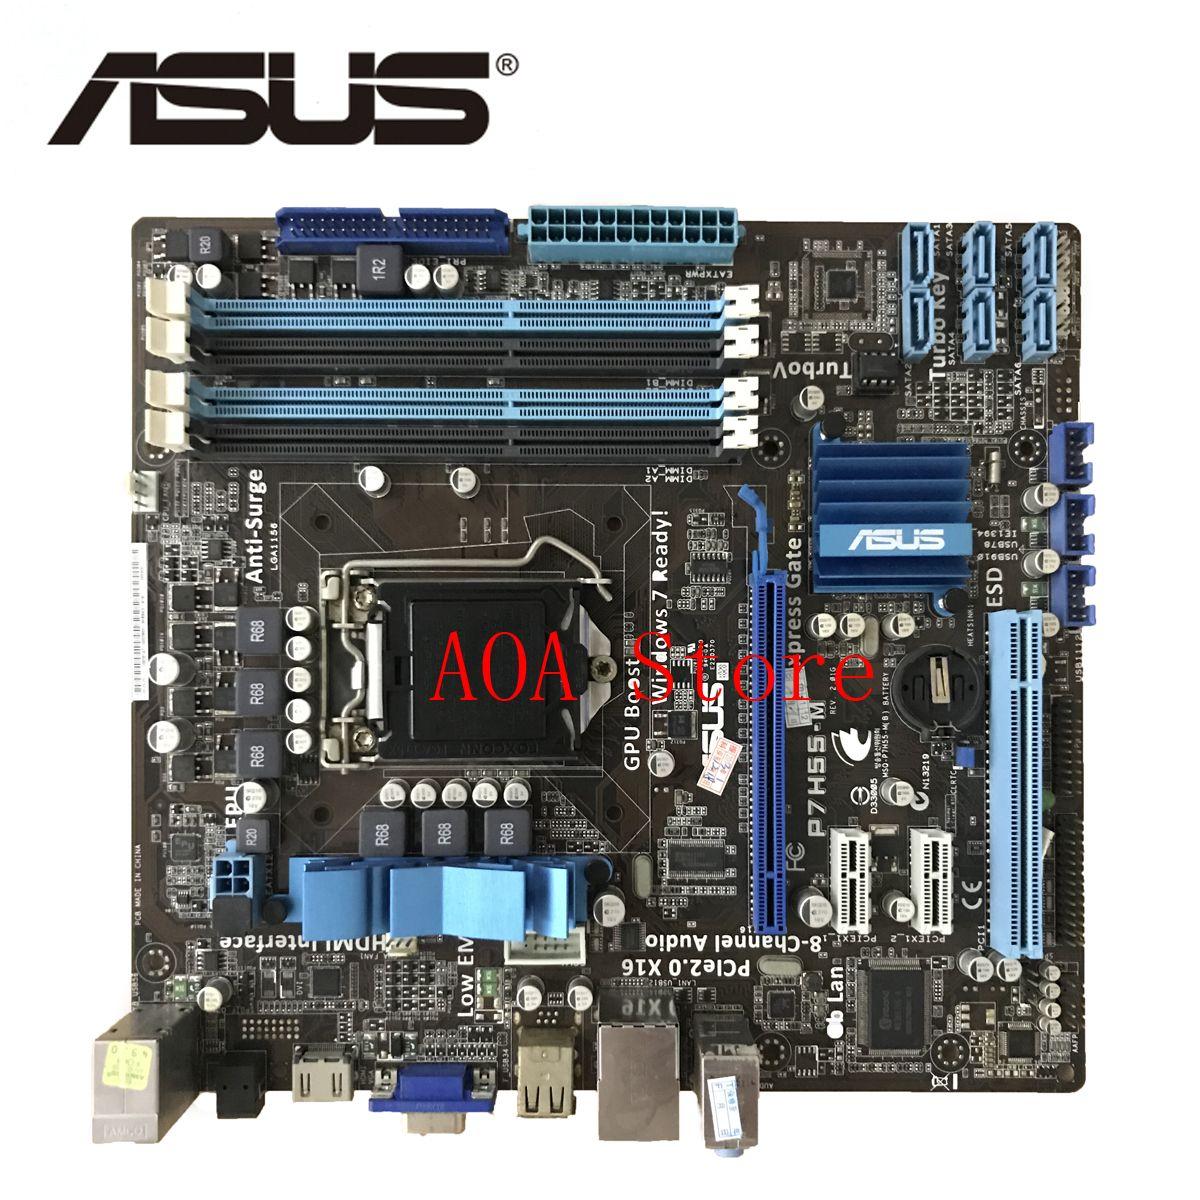 Socket LGA 1156 For Intel H55 ASUS P7H55-M Original motherboard Socket uATX HDMI VGA 4 DDR3 16GB Desktop Mainboard P7H55M